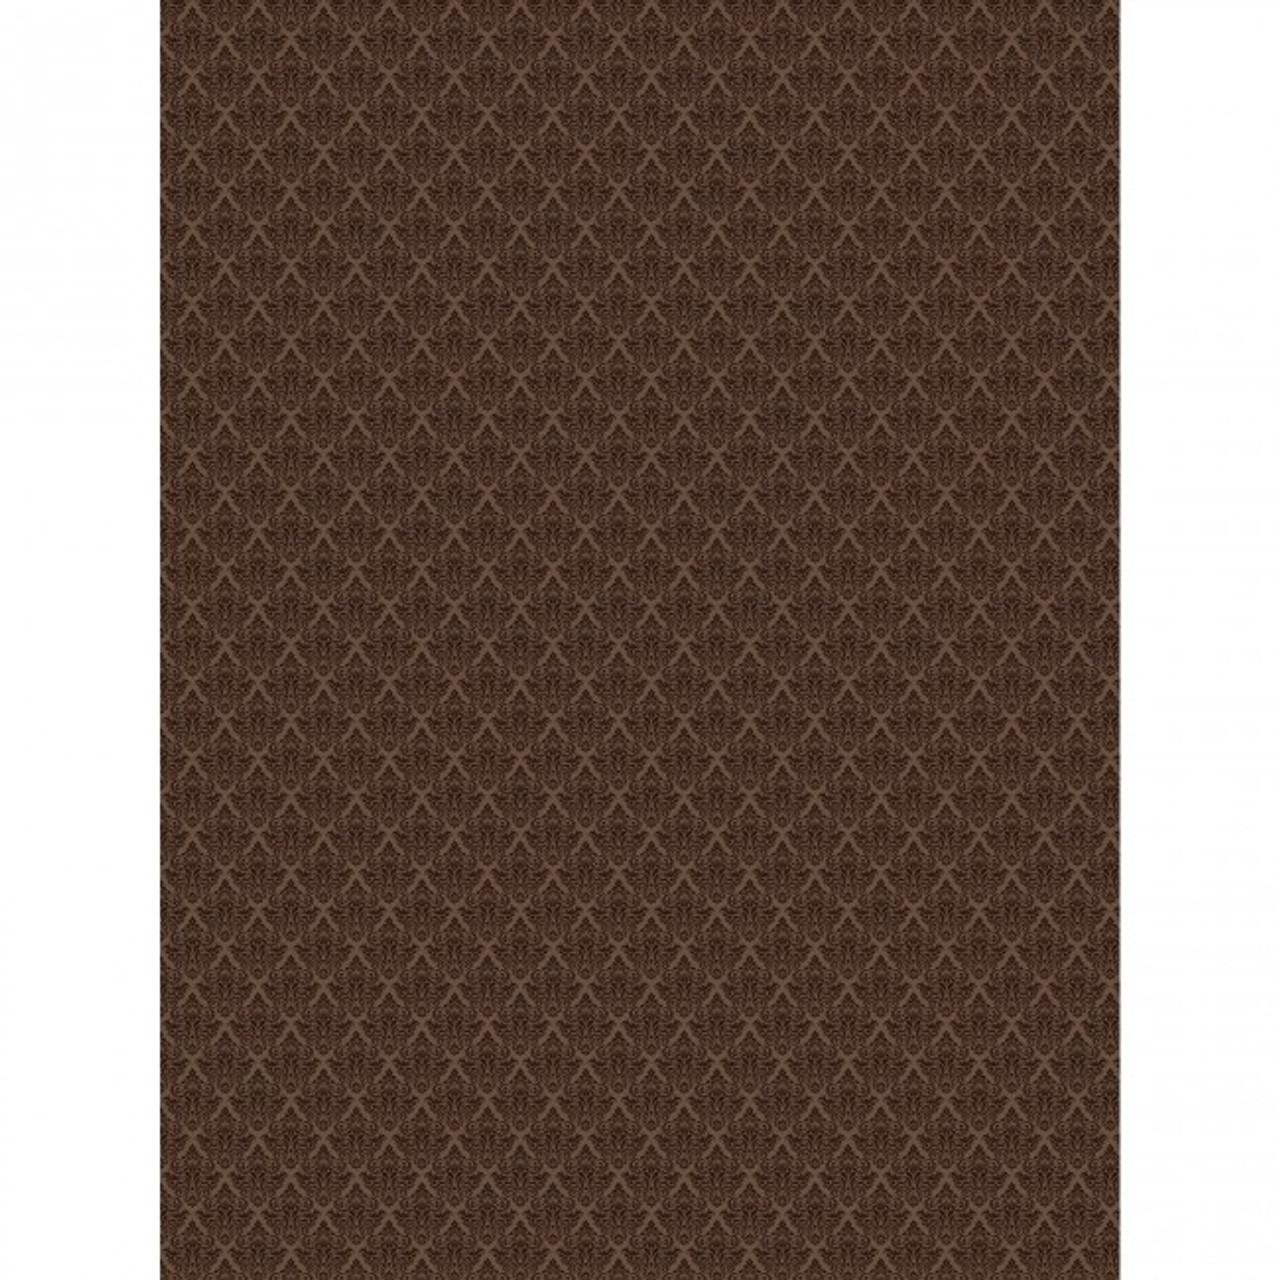 Westcott 5' x 7' X-Drop Backdrop - Terracotta #596